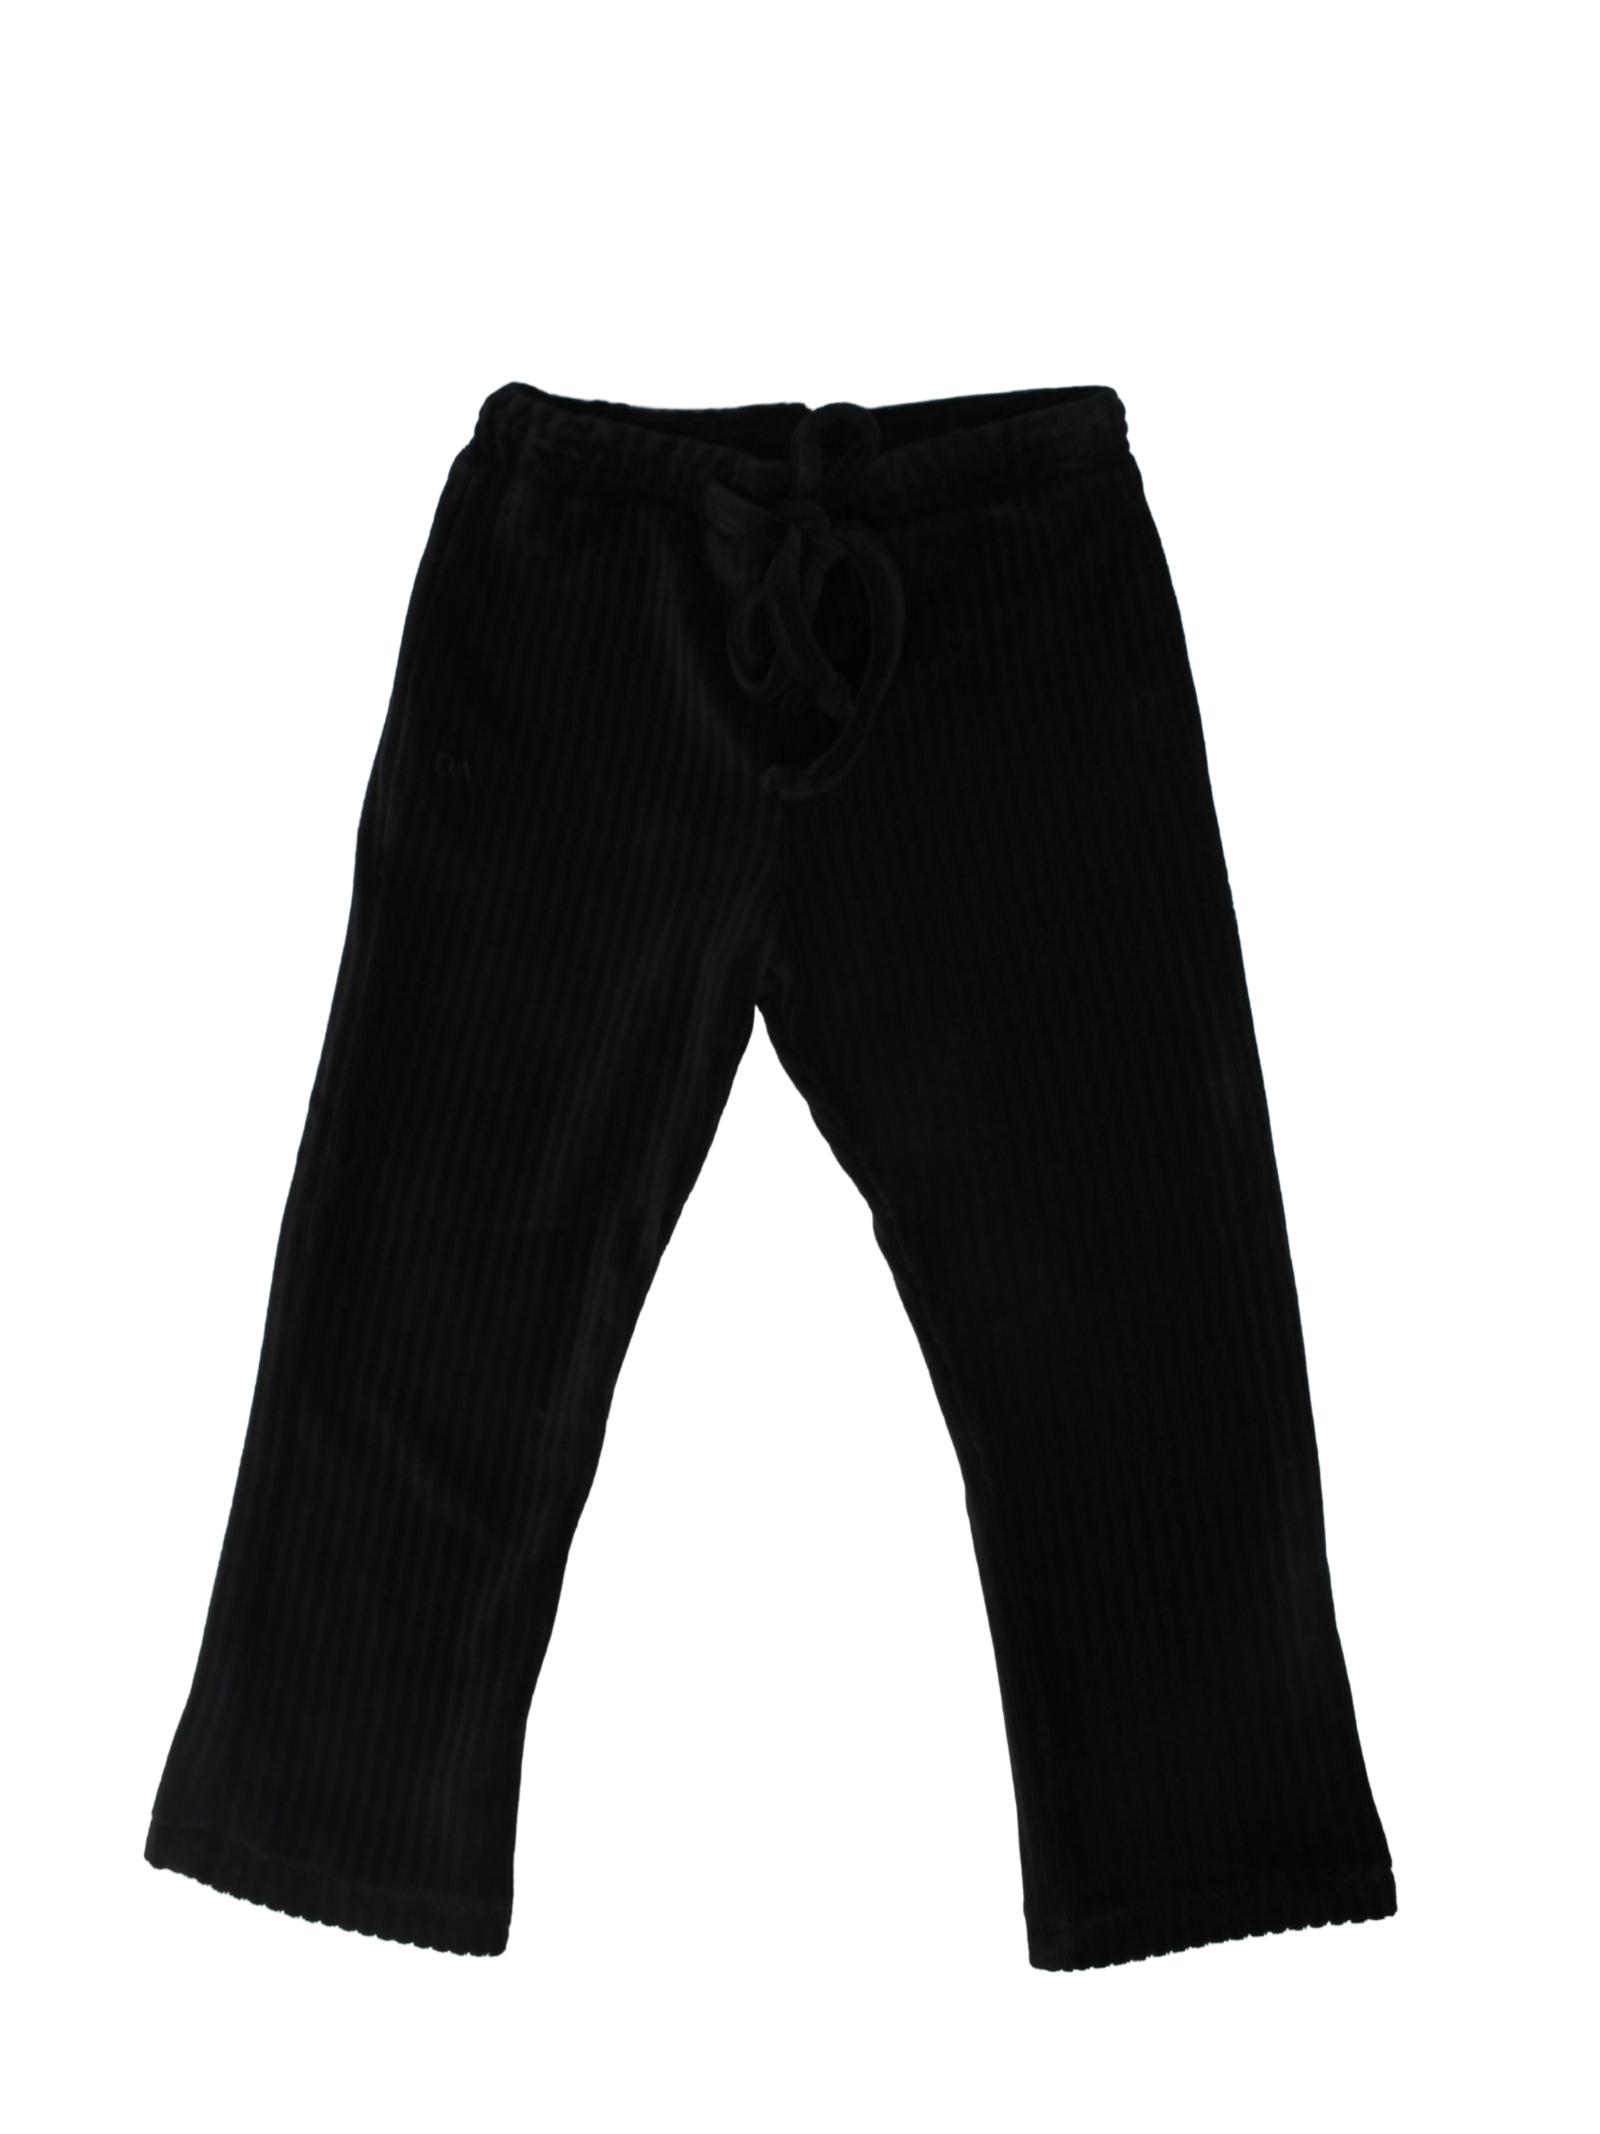 Velvet Child Trousers DANIELE ALESSANDRINI JUNIOR | Trousers | 1291P0724NERO